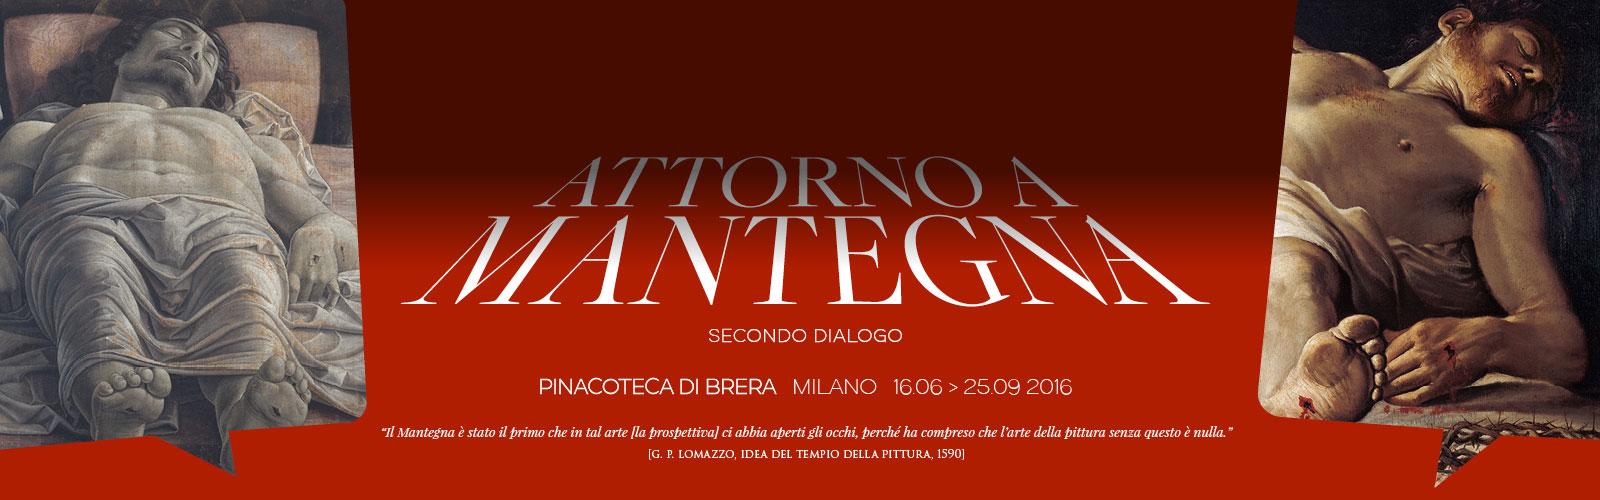 """Secondo dialogo """"Attorno a Mantegna"""""""